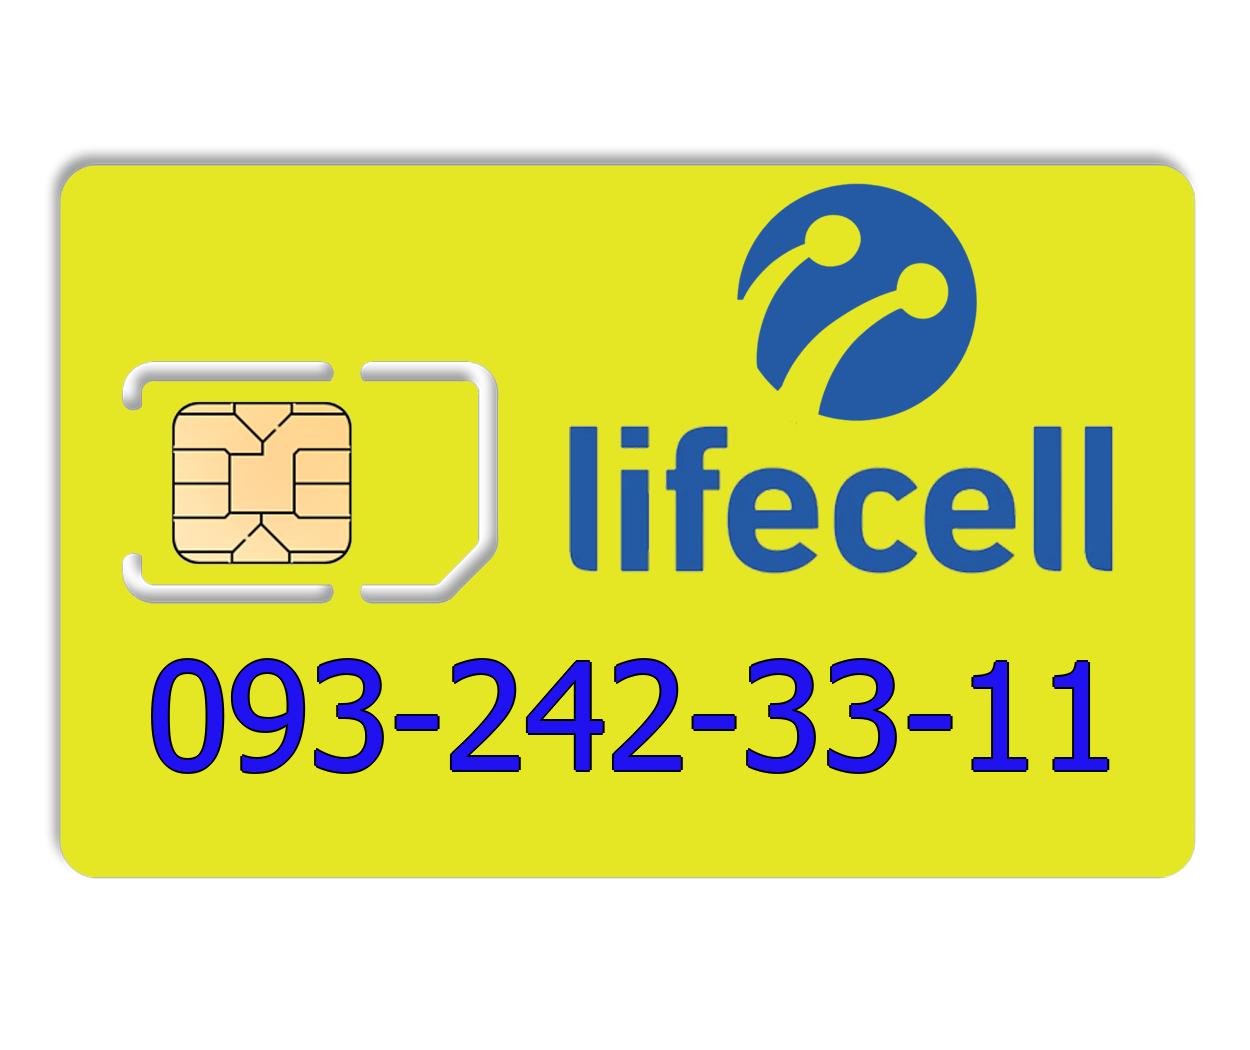 Красивый номер lifecell 093-242-33-11